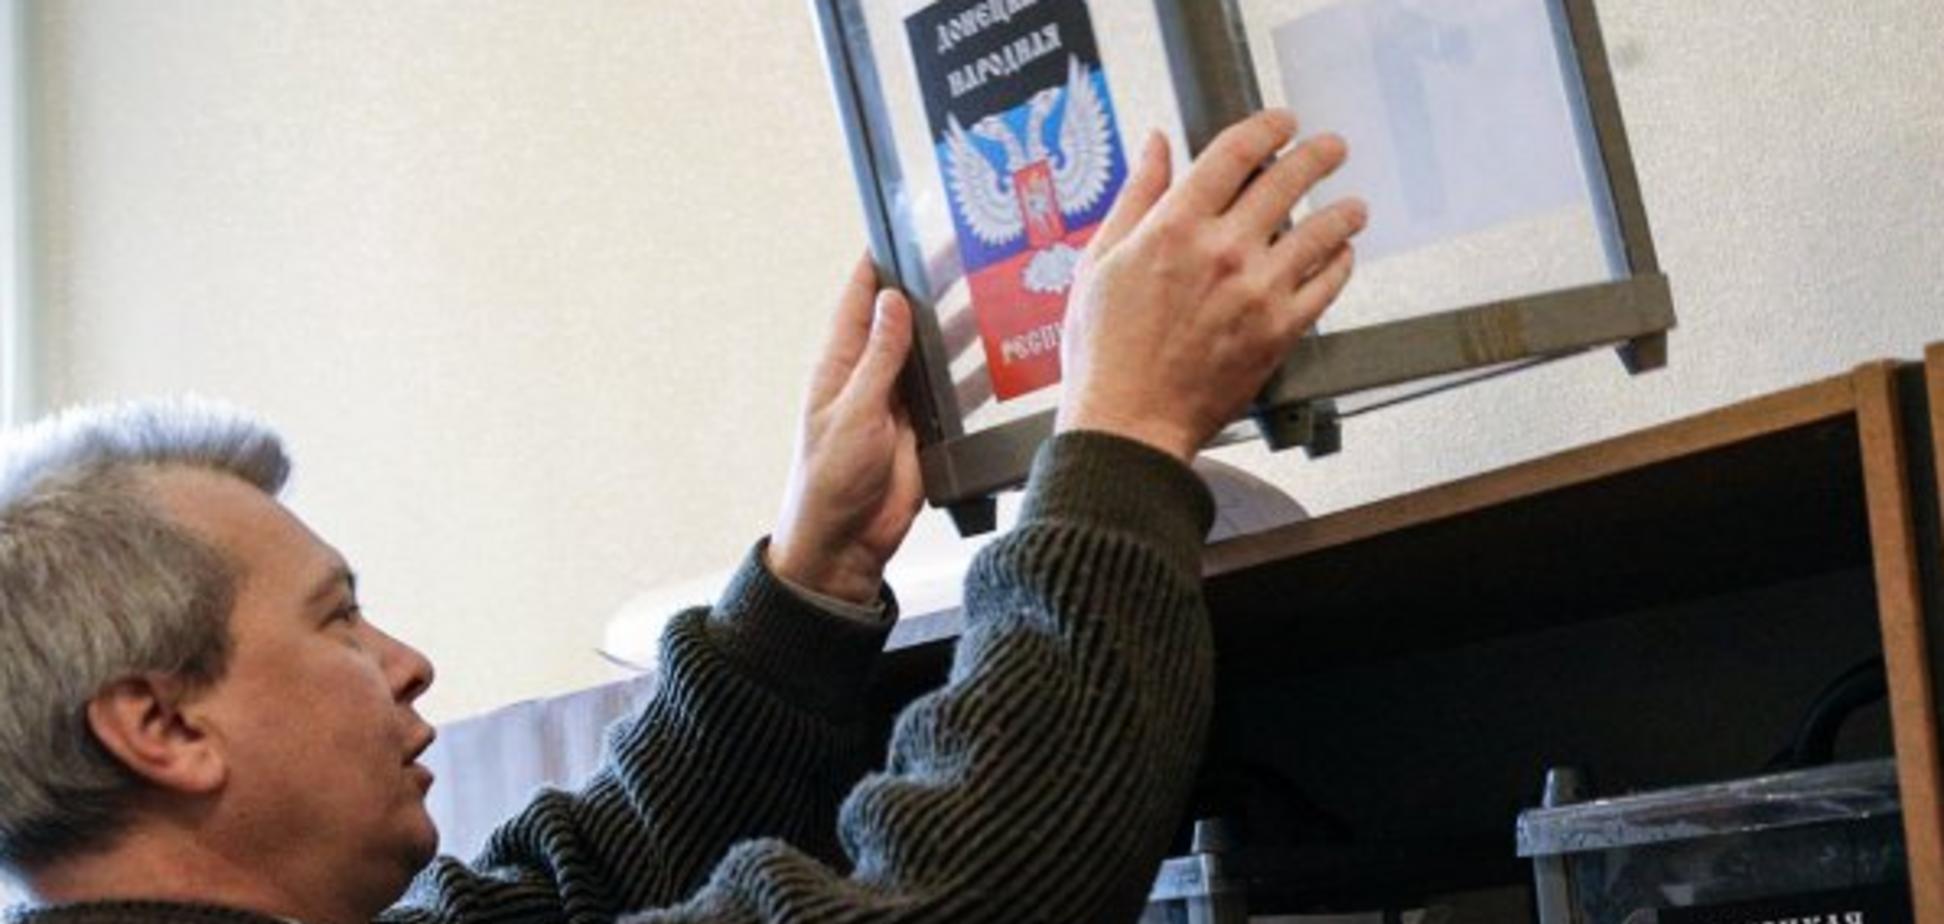 Выдадут по упрощенной процедуре: в ''Л/ДНР'' пошли на крайние меры из-за фейковых выборов